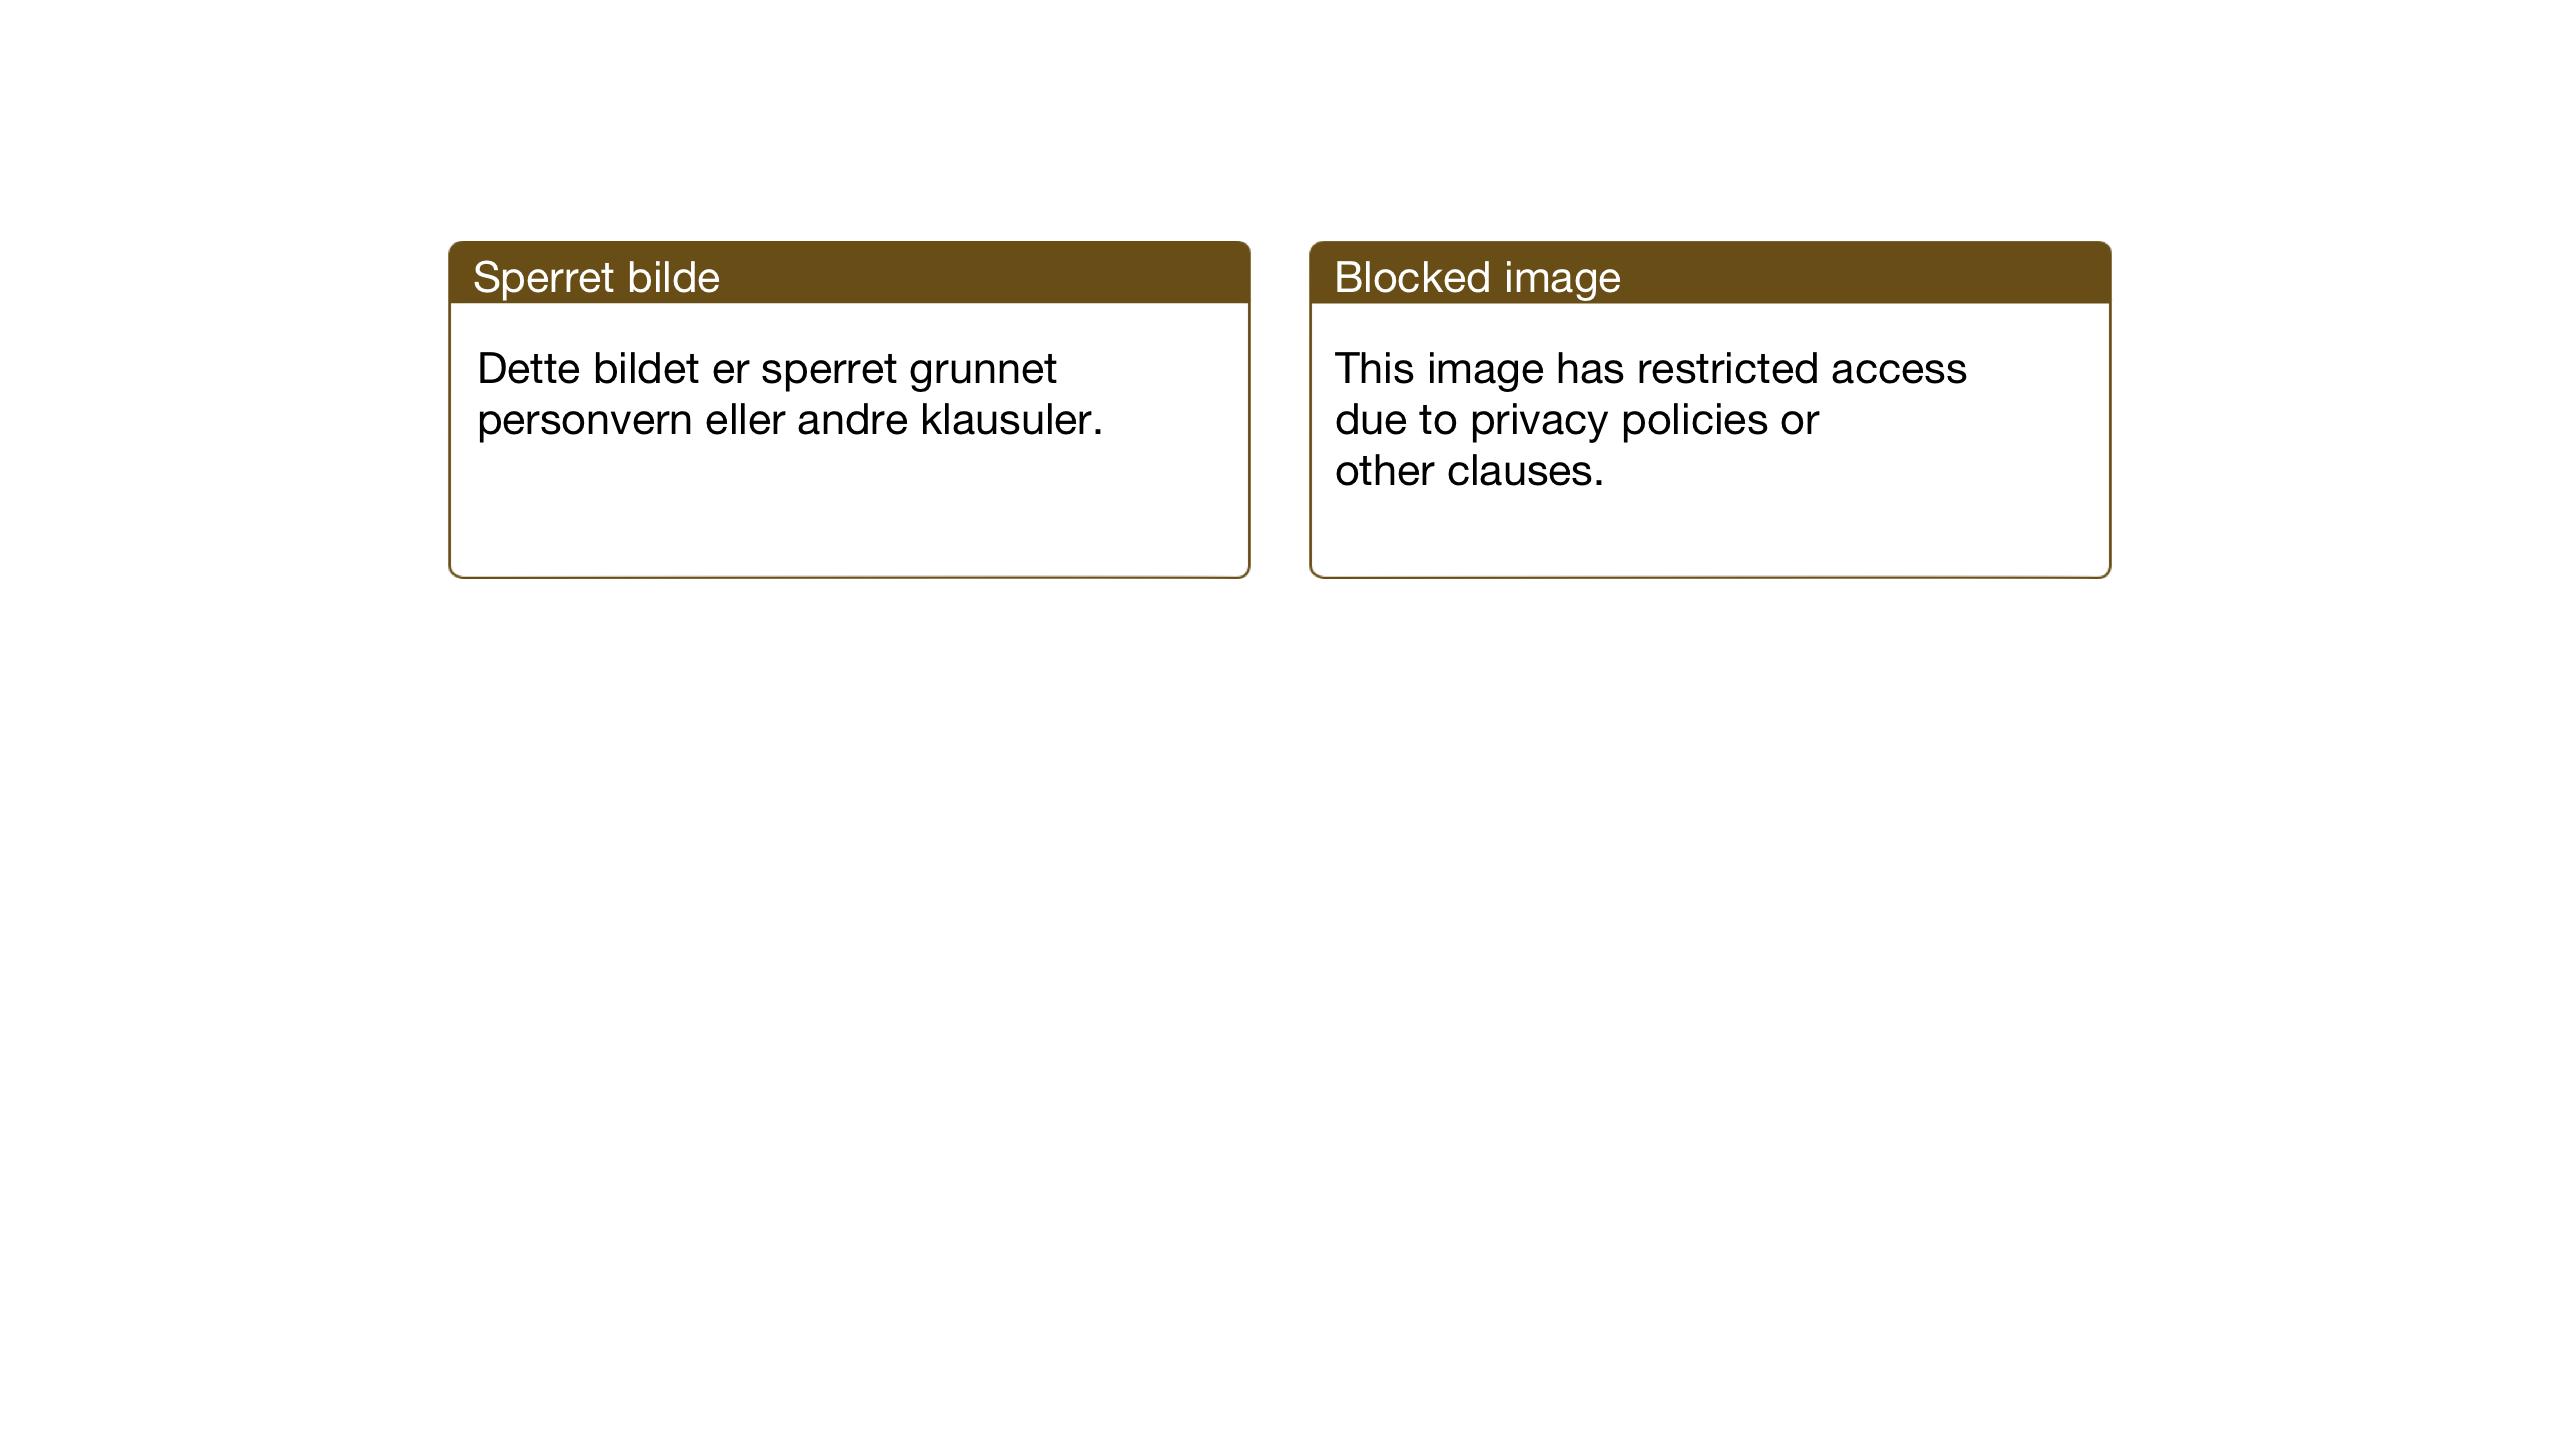 SAT, Ministerialprotokoller, klokkerbøker og fødselsregistre - Nord-Trøndelag, 744/L0425: Klokkerbok nr. 744C04, 1924-1947, s. 144